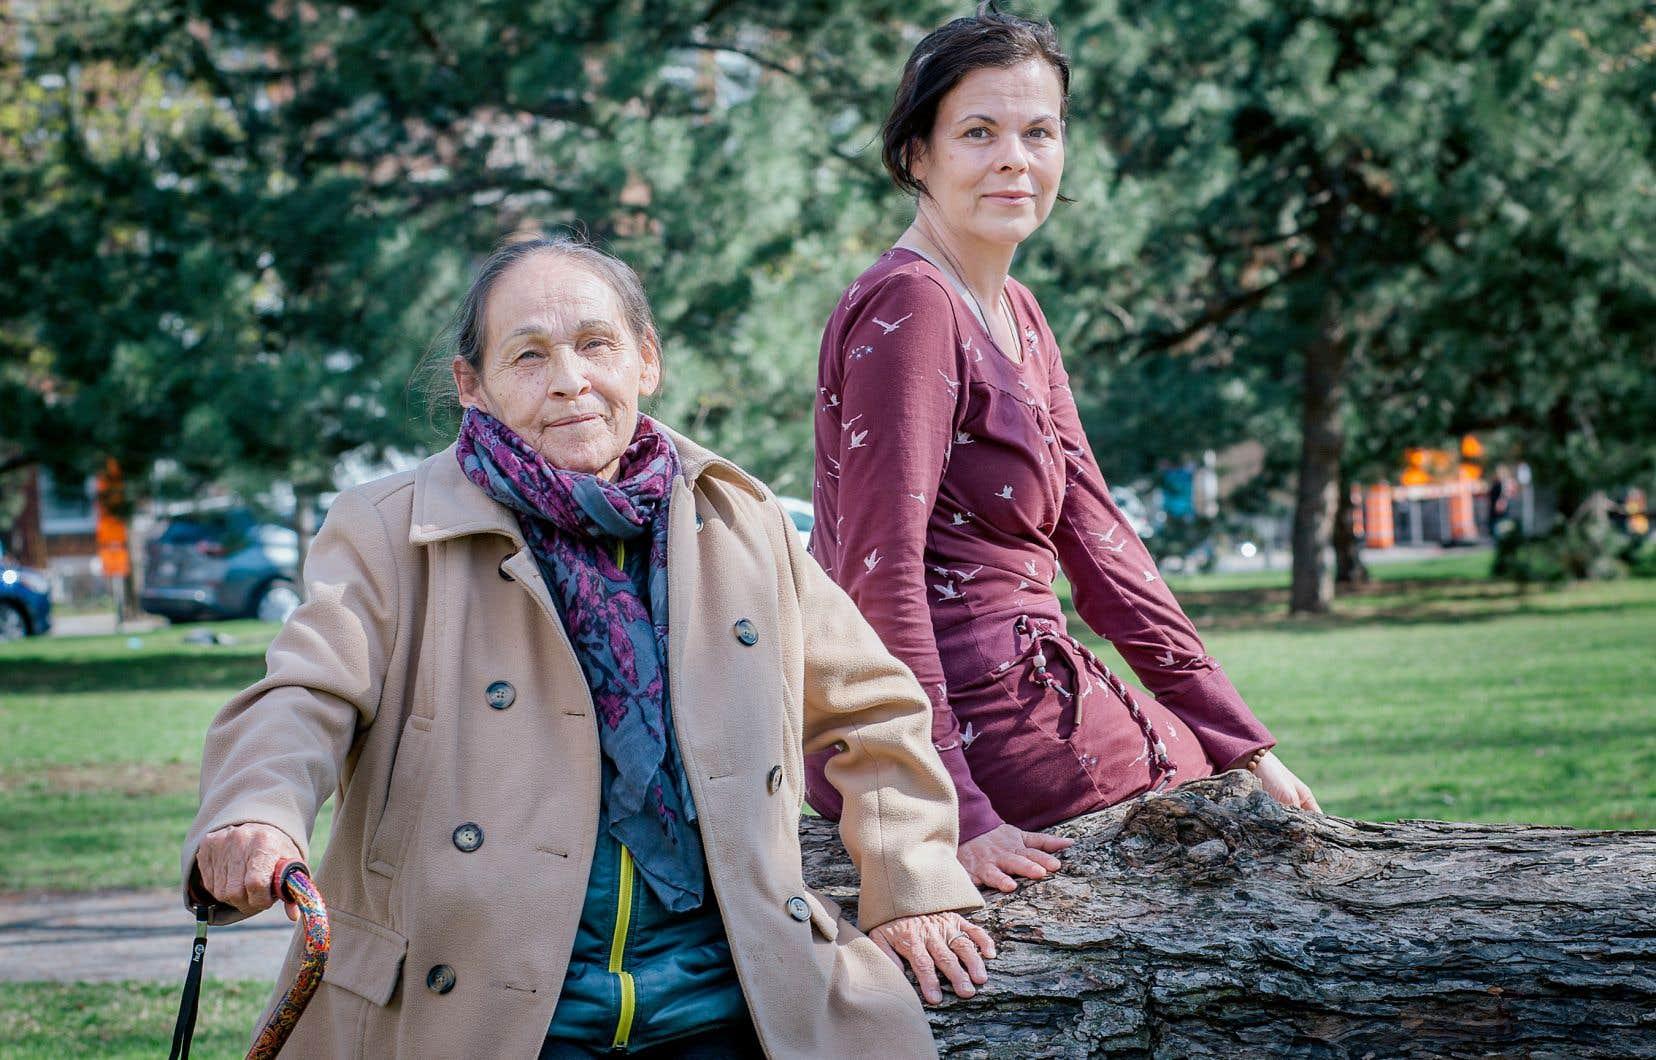 À l'invitation de l'Institut Tshakapesh, organisme qui travaille à la préservation de la langue et de la culture innues, Joséphine Bacon et Laura Morali sont allées en 2016 et en 2017 à la rencontre de la jeunesse des dix communautés innues du Québec, avec l'espoir d'alimenter la fierté chez leurs jeunes.